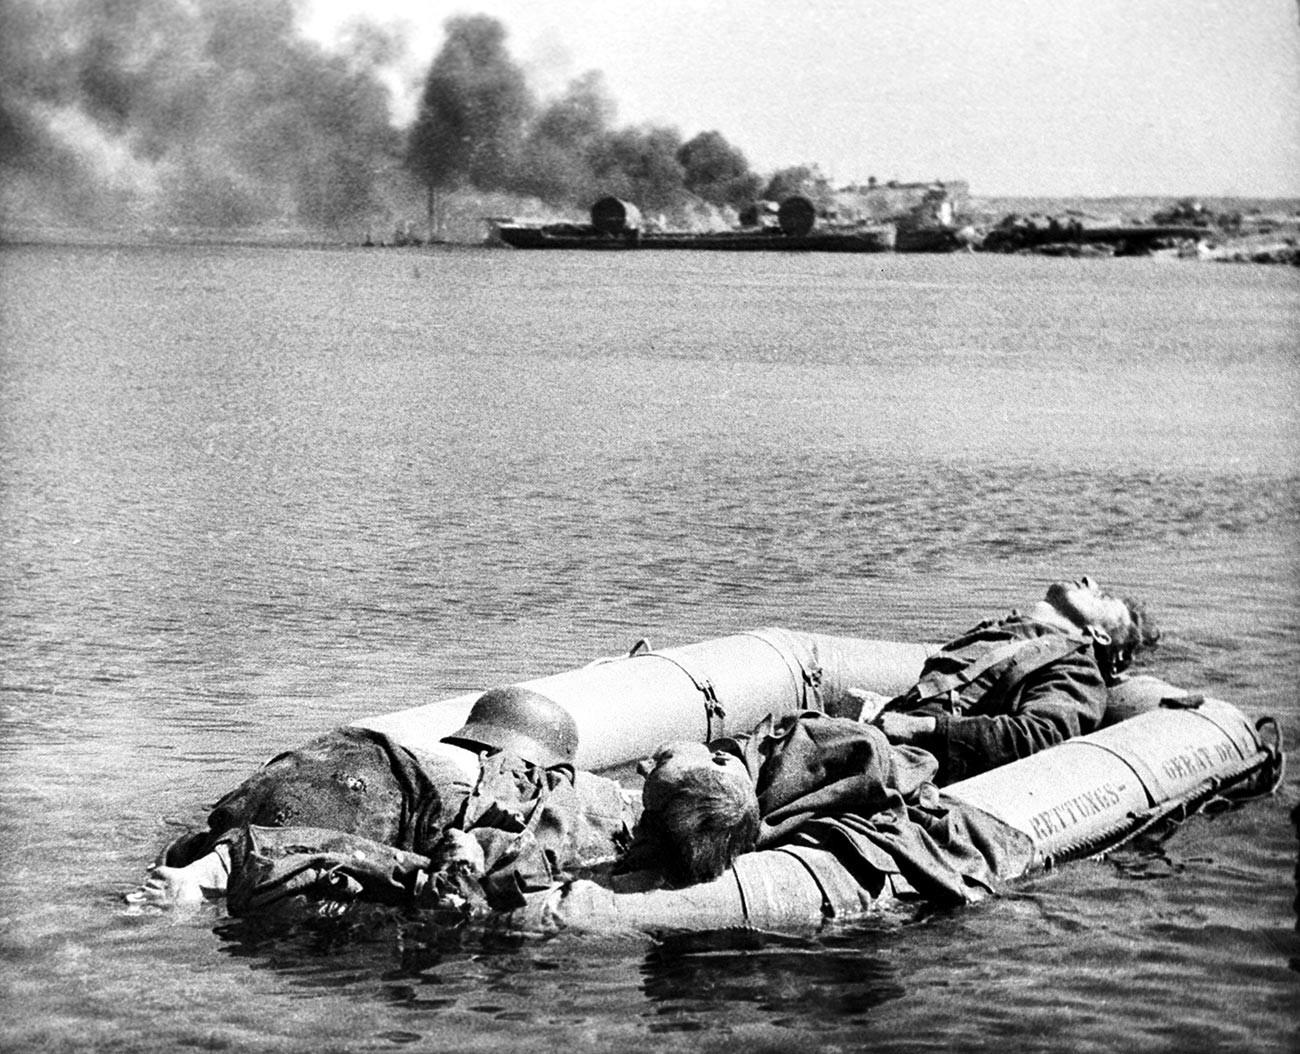 Надуваема лодка с убити нацисти, докато се оттеглят през Днепър